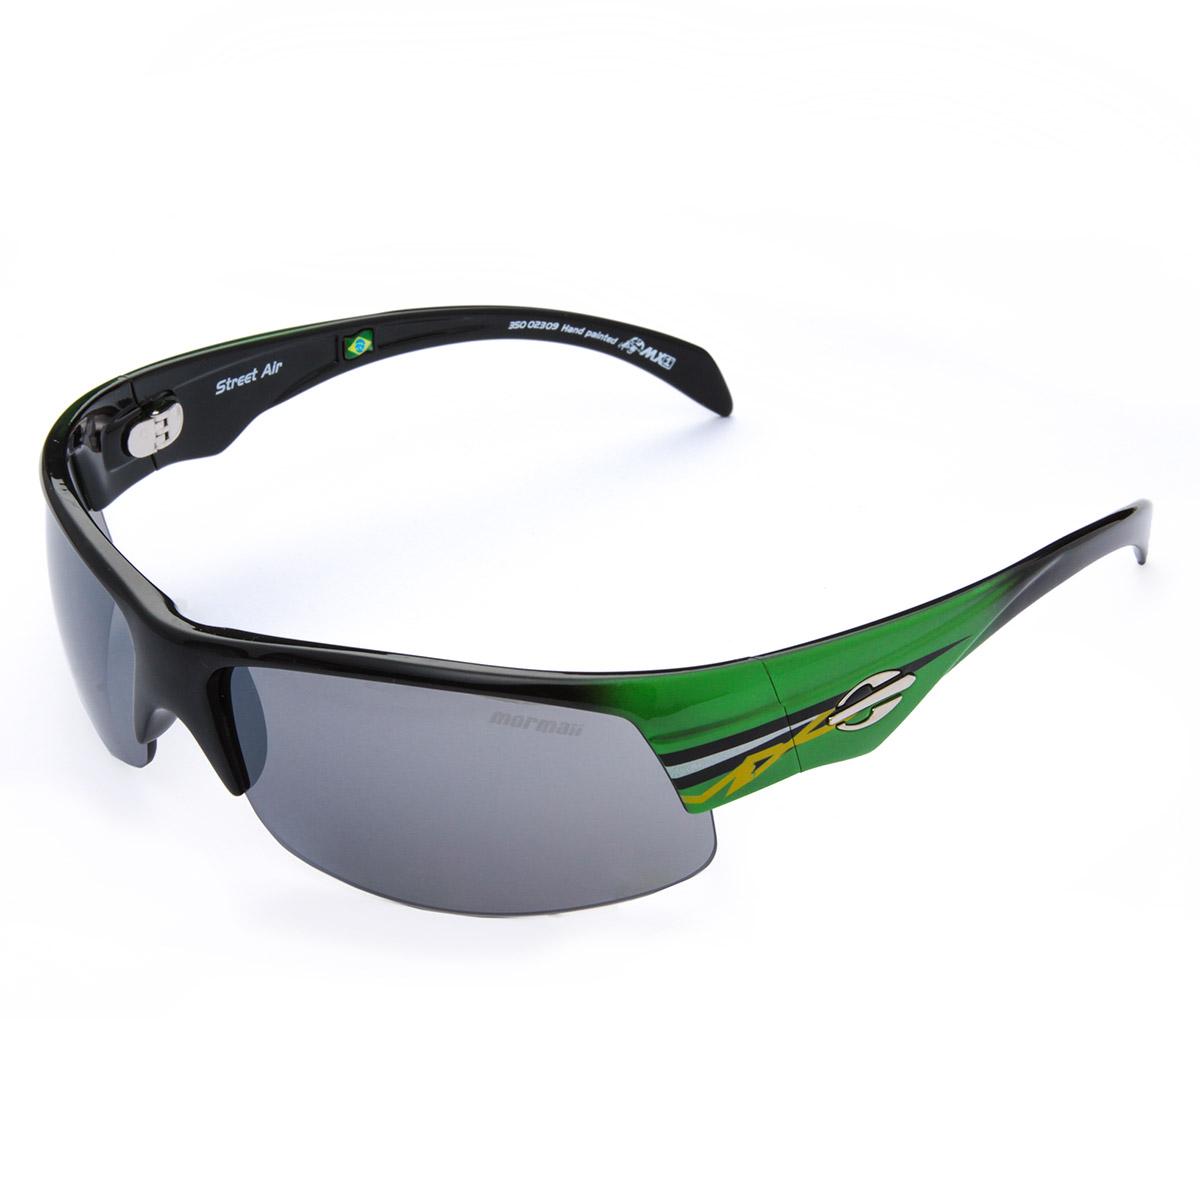 134652eecdd88 Óculos De Sol Mormaii Street Air - Verde Cinza